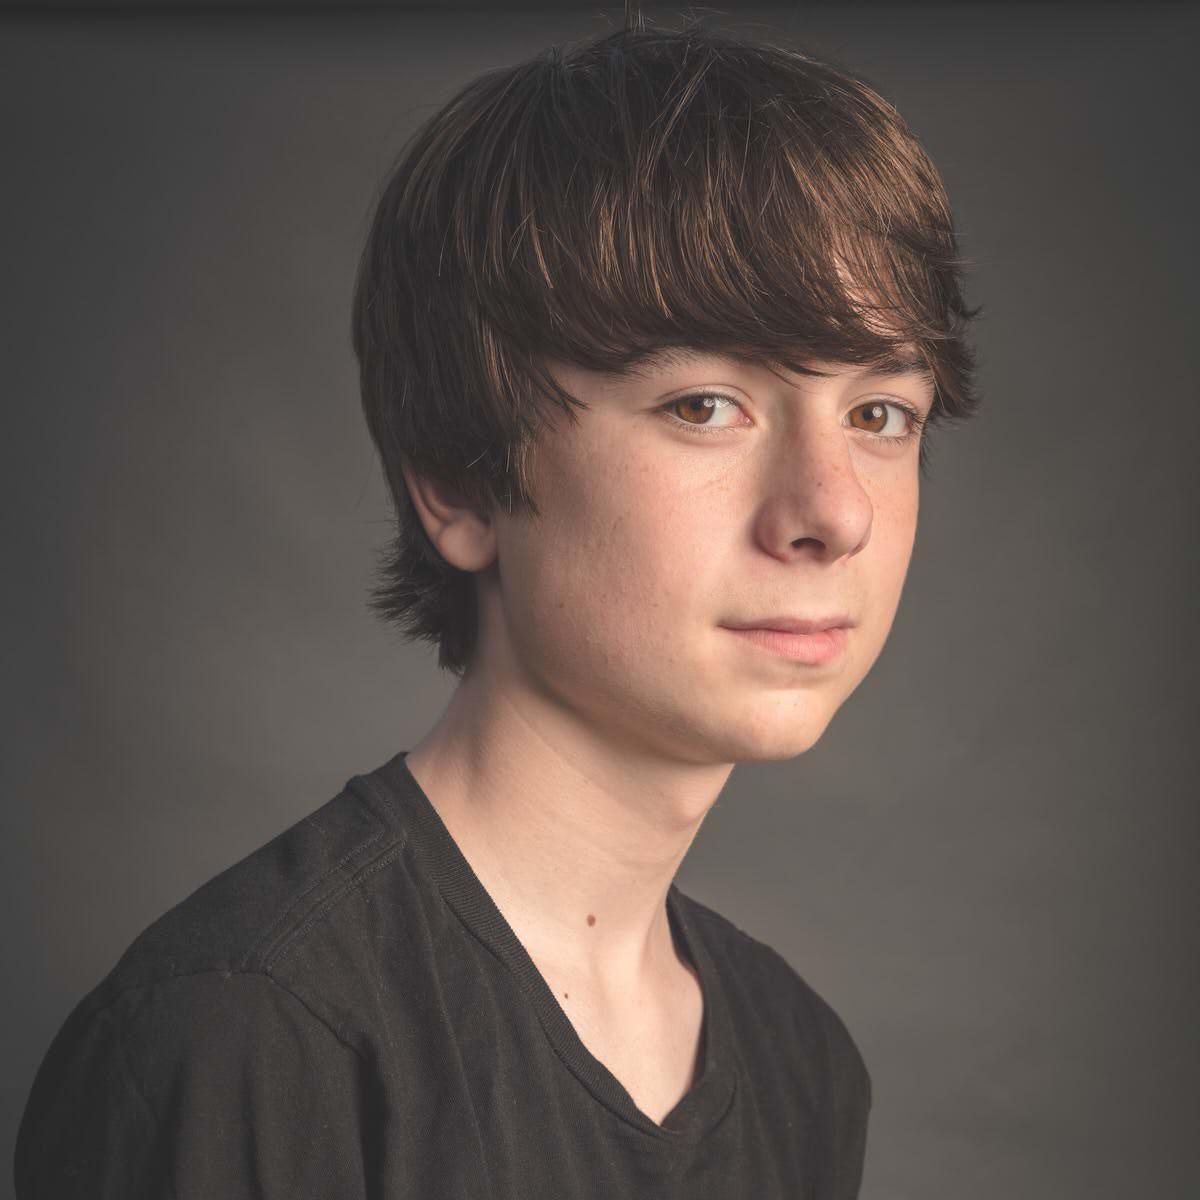 Psicólogos especialistas en síndrome de Asperger en adolescentes: una respuesta eficaz para  una etapa vital ya de por sí nada fácil.